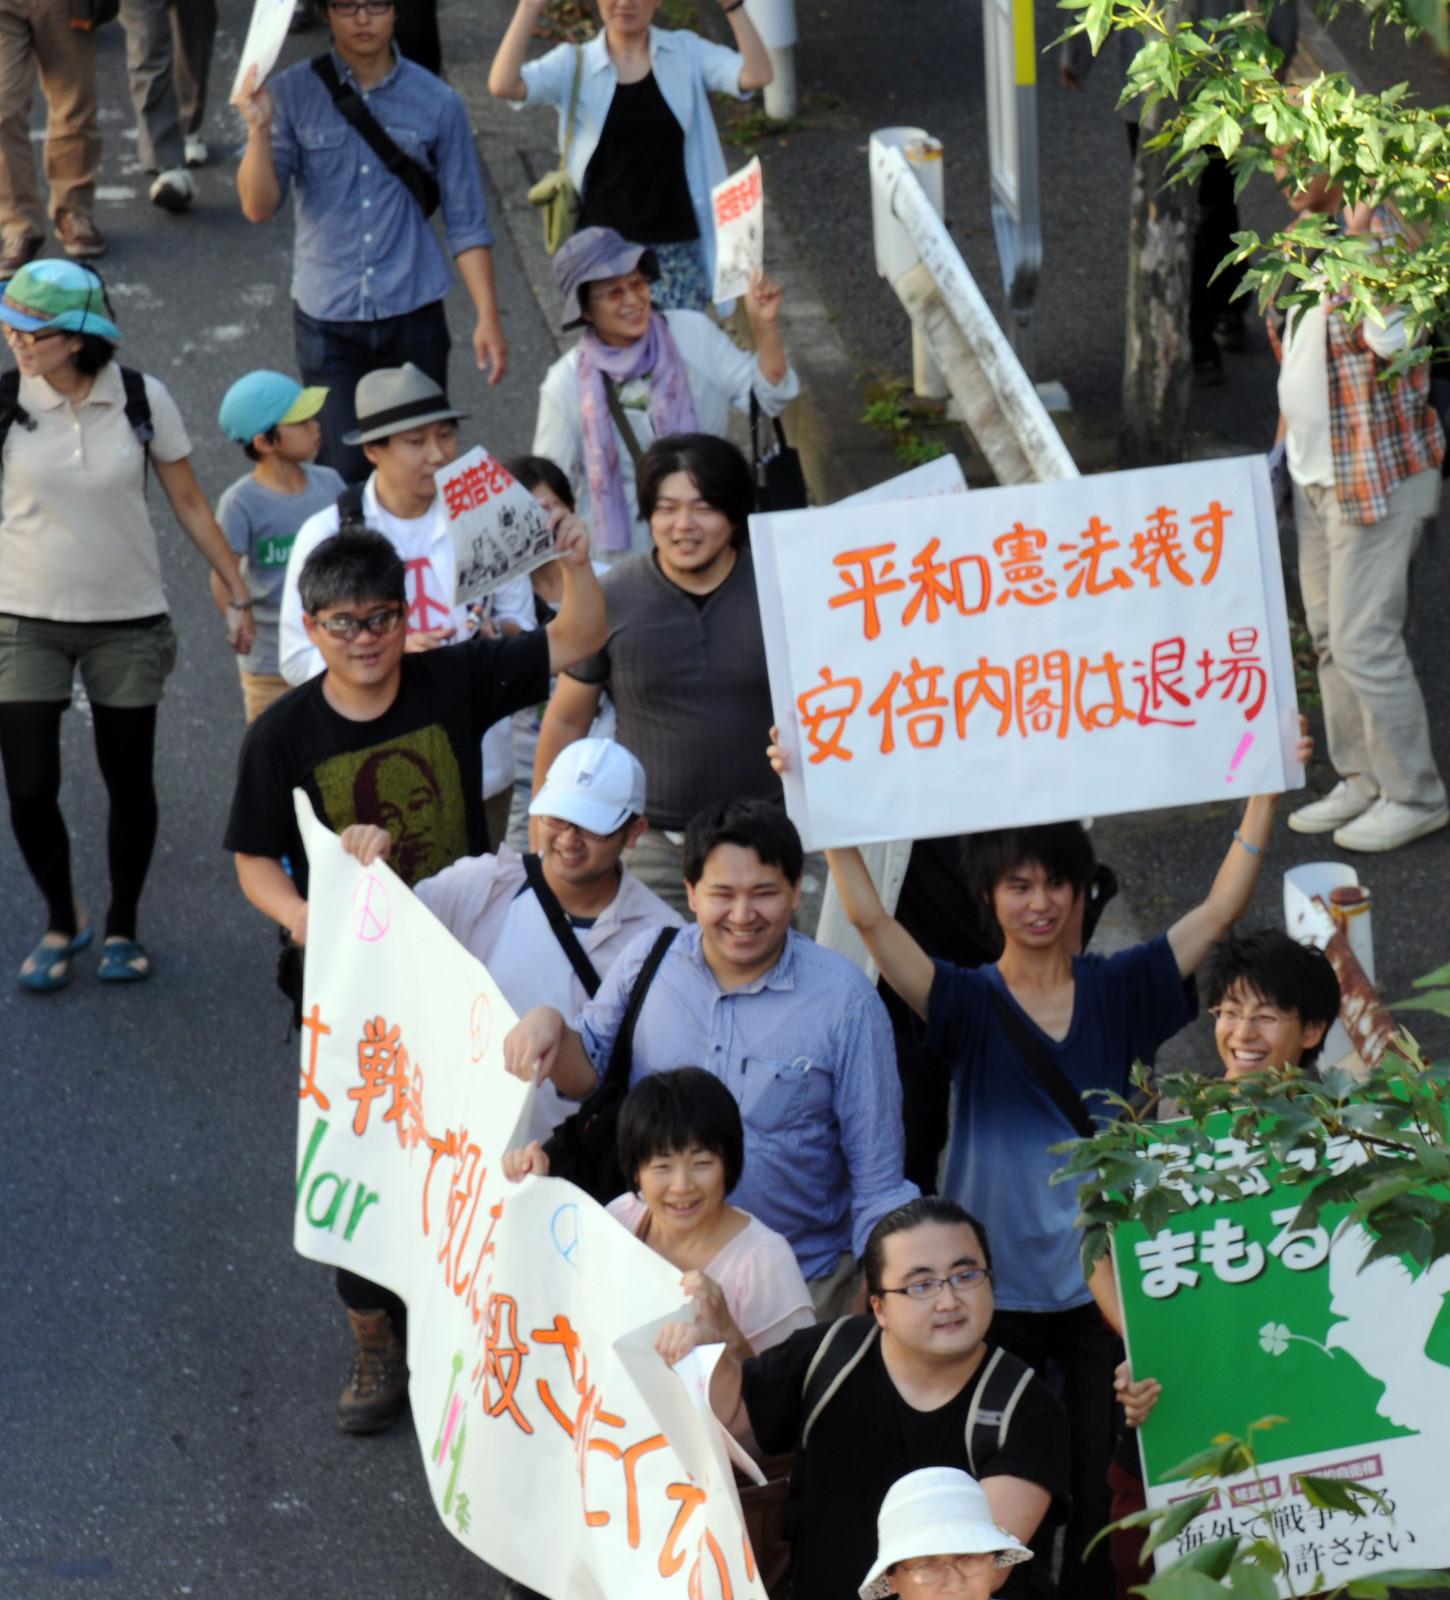 「9・28たちかわ大行進」に参加する青年たち=9月28日、東京都立川市